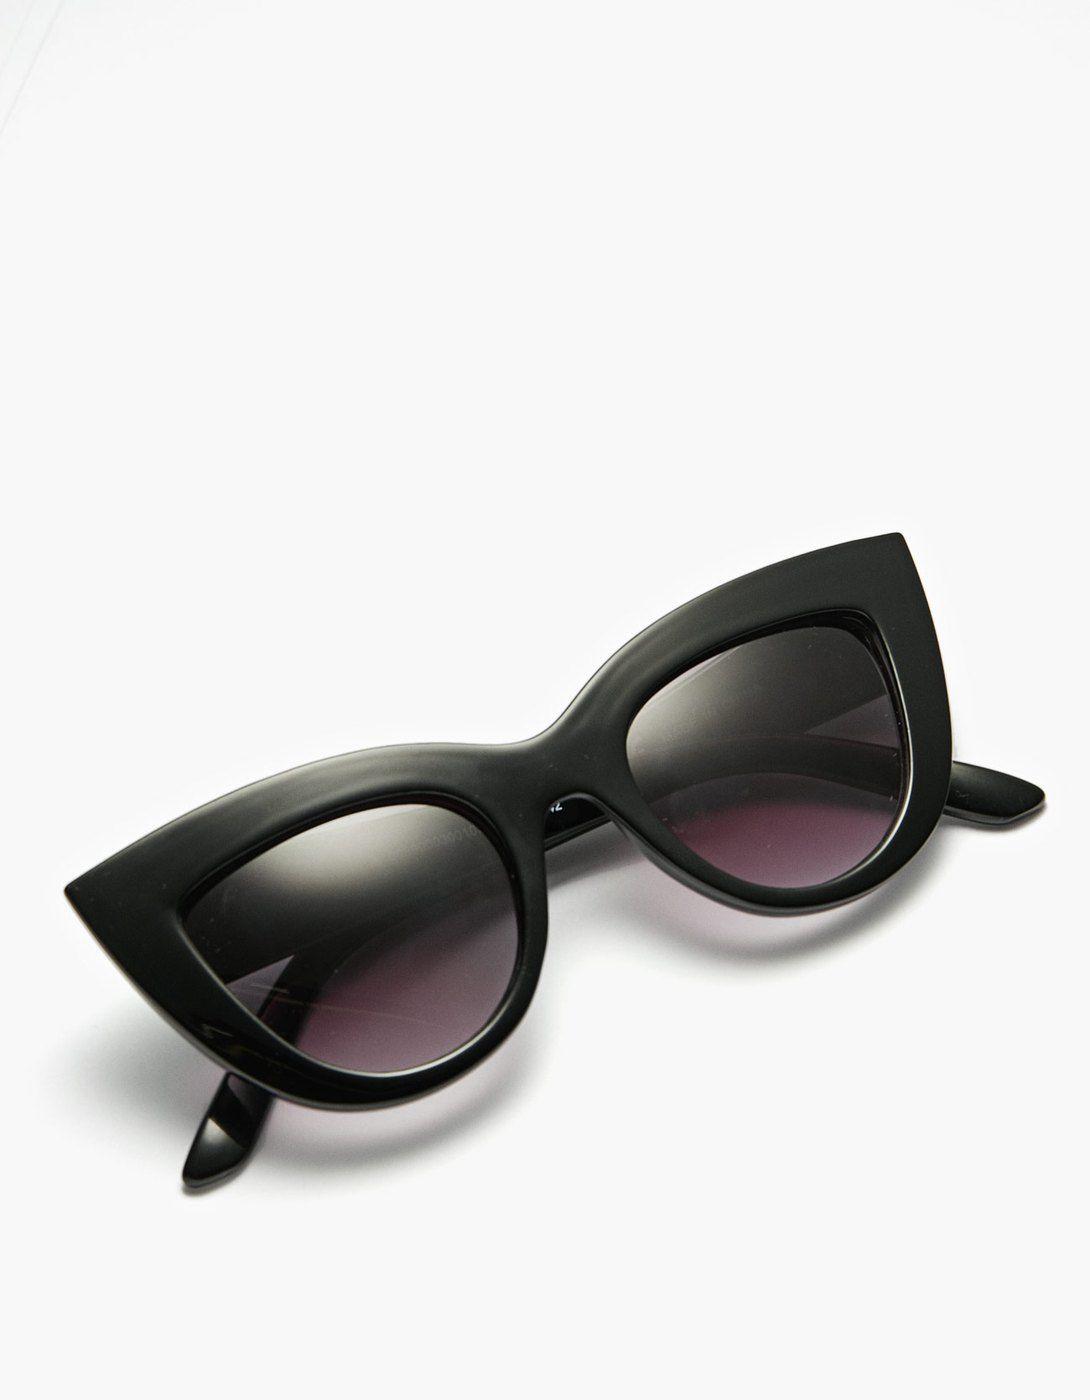 335861b654c9 Большие солнечные очки формы «кошачий глаз» - Очки